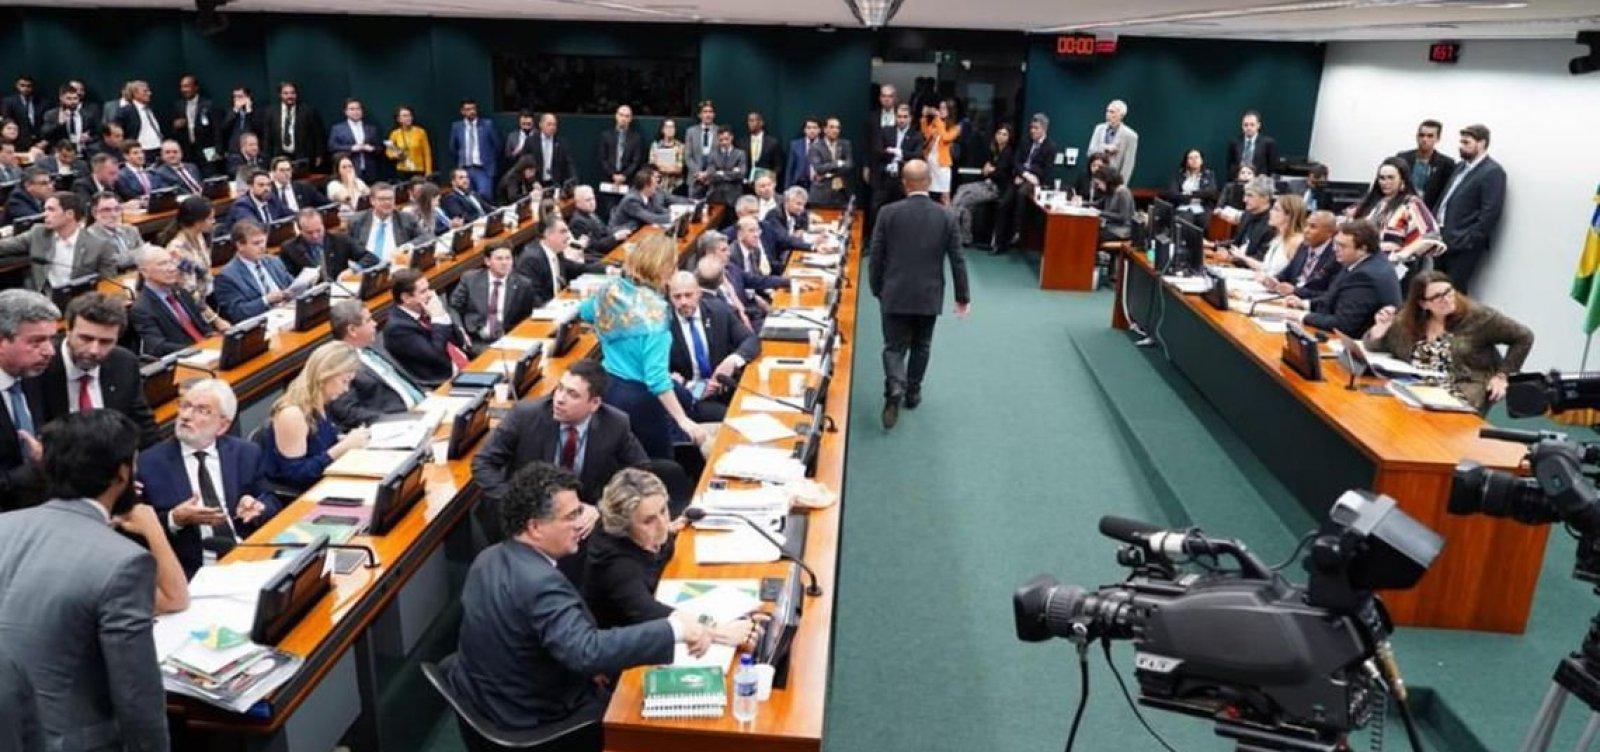 CCJ encerra sessão sobre Previdência após 12 horas; debate será retomado hoje